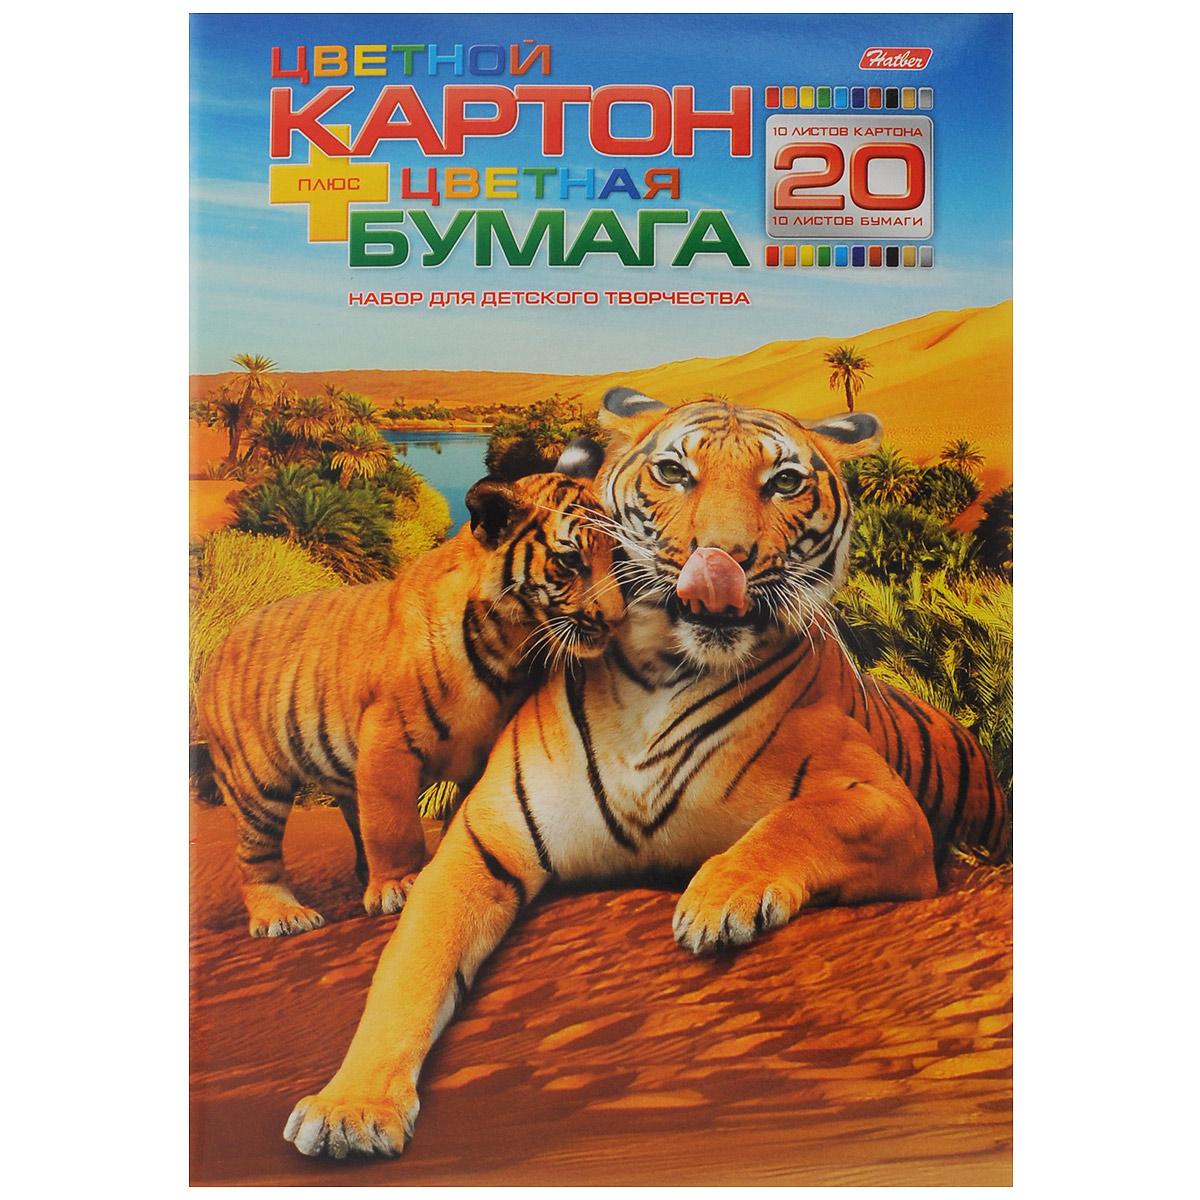 Набор бумаги и цветного картона Hatber Тигры, 20 листов20НКБ4_09804Набор бумаги и цветного картона Hatber Тигры позволит вашему малышу раскрыть свой творческий потенциал. Набор содержит 10 листов цветного картона и 10 листов цветной бумаги желтого, серебряного, золотого, оранжевого, красного, синего, голубого, зеленого, коричневого и черного цветов. На внутренней стороне обложки расположены изображения слона и льва, которые ребенок сможет раскрасить по своему желанию. Создание поделок из цветной бумаги и картона - это увлекательнейший процесс, способствующий развитию у ребенка фантазии и творческого мышления. Набор не содержит каких-либо инструкций - ребенок может дать волю своей фантазии и создавать собственные шедевры! Набор прекрасно подойдет для рисования, создания аппликаций, оригами, изготовления поделок из картона и бумаги. Порадуйте своего малыша таким замечательным подарком! Рекомендуемый возраст от 6 лет.